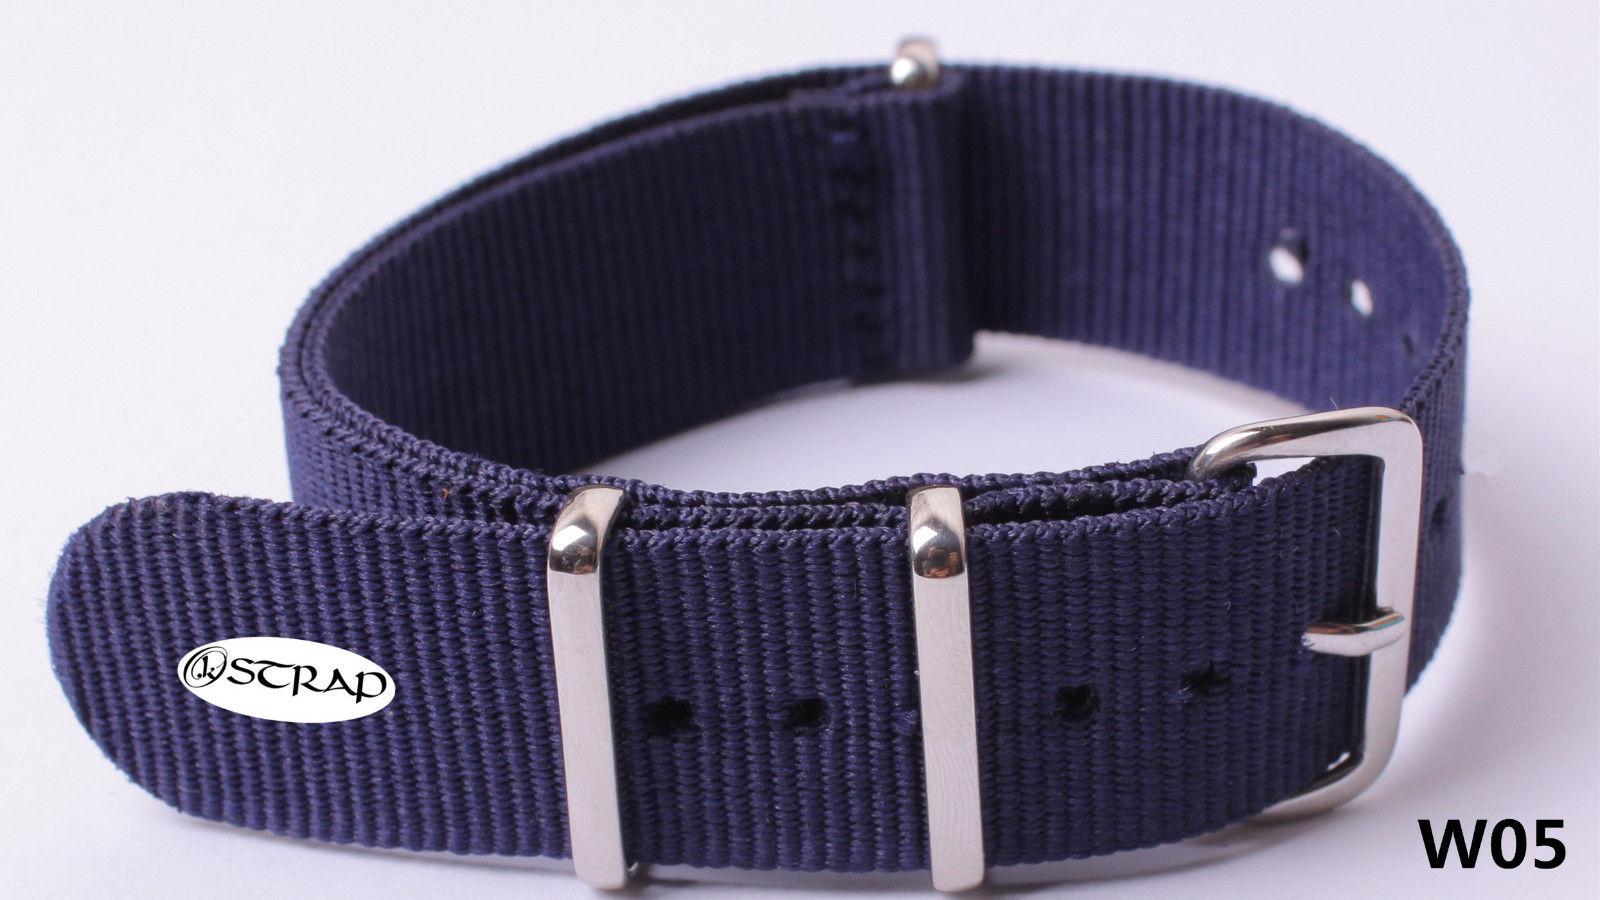 Dây đồng hồ Nato xanh tím than W05 là một trong những loại dây đeo đồng hồ thay thế được ưa thích của giới trẻ